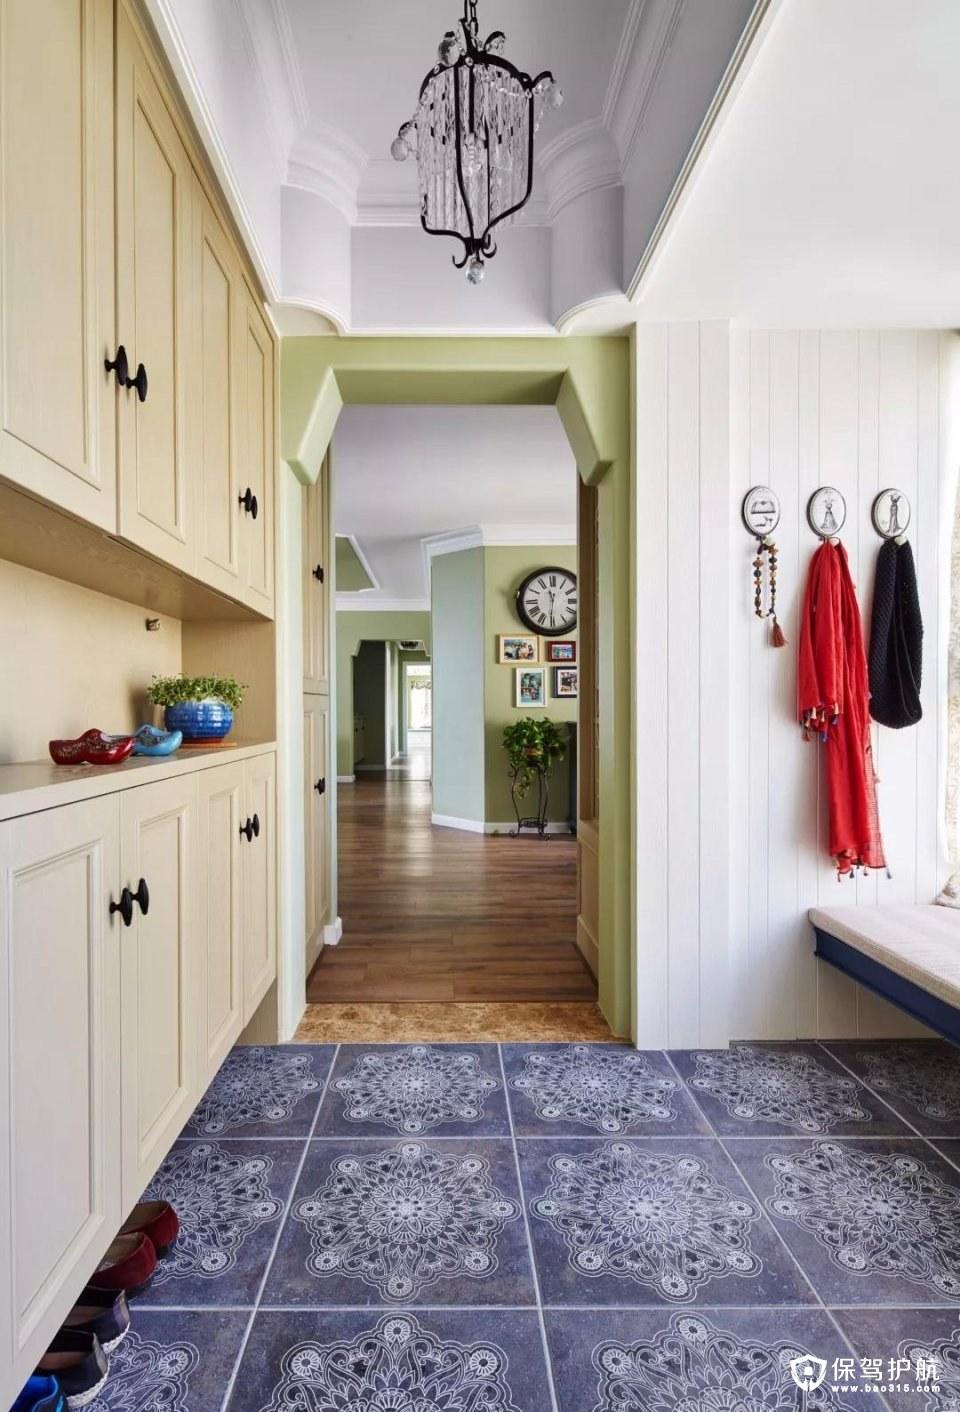 玄关设计了一个大鞋柜、挂衣钩等,满足了业主最基本的需求,地面铺贴花砖,很有异国风情;